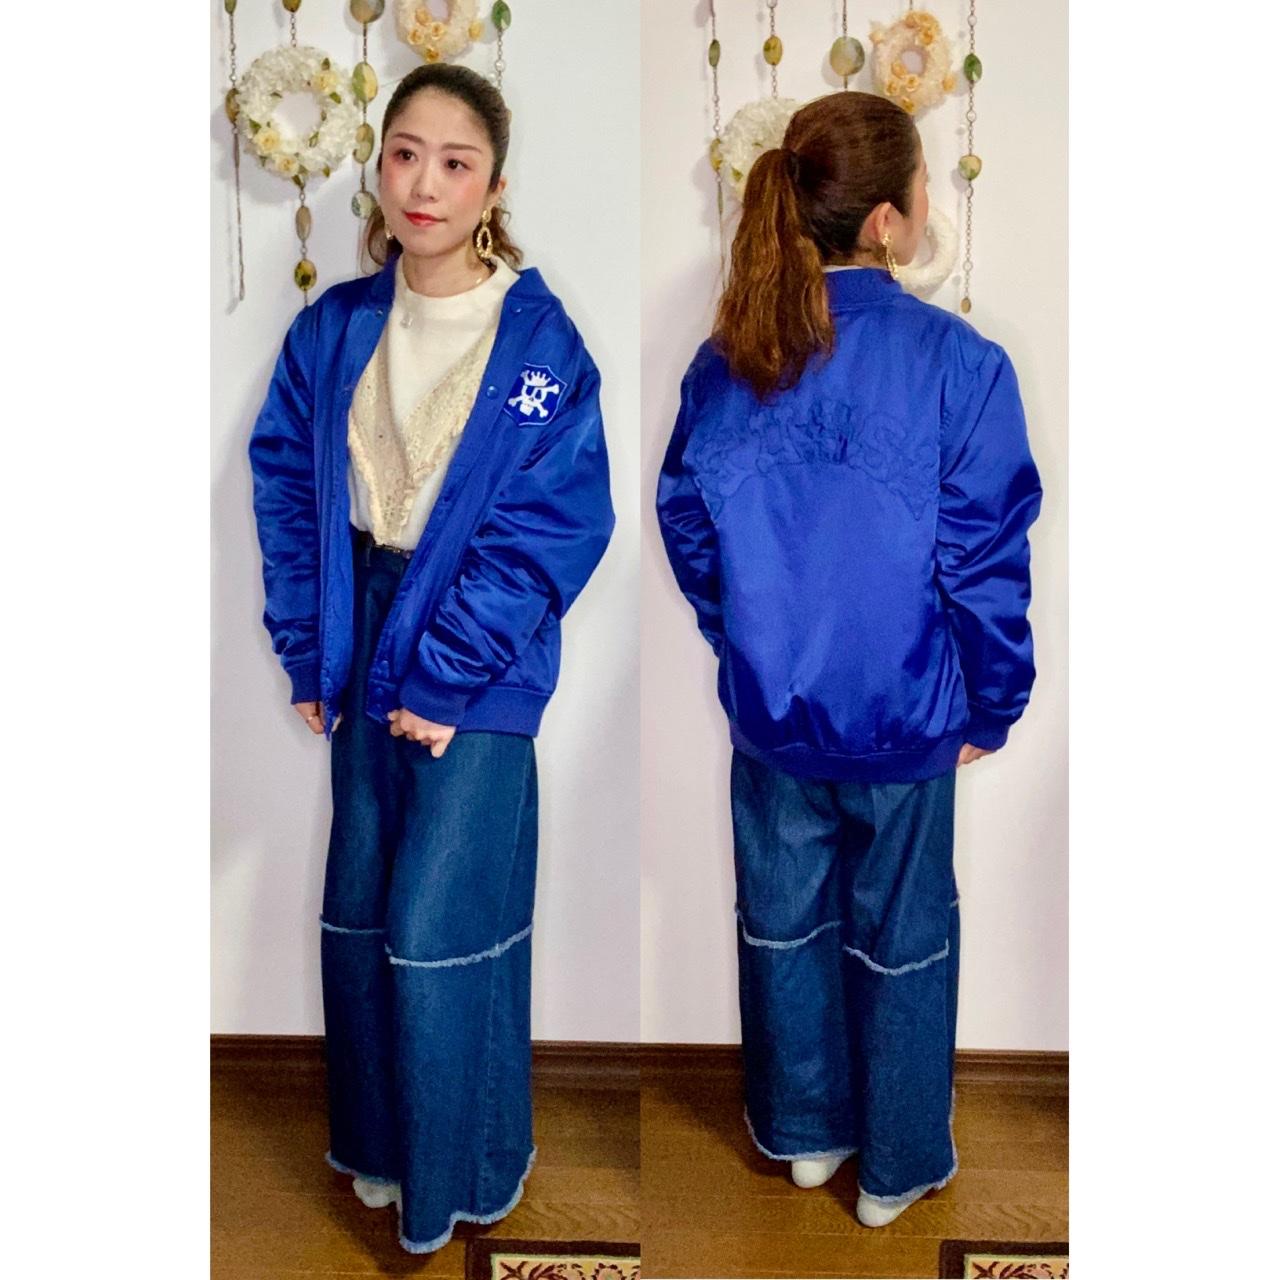 【オンナノコの休日ファッション】2020.11.24【うたうゆきこ】_1